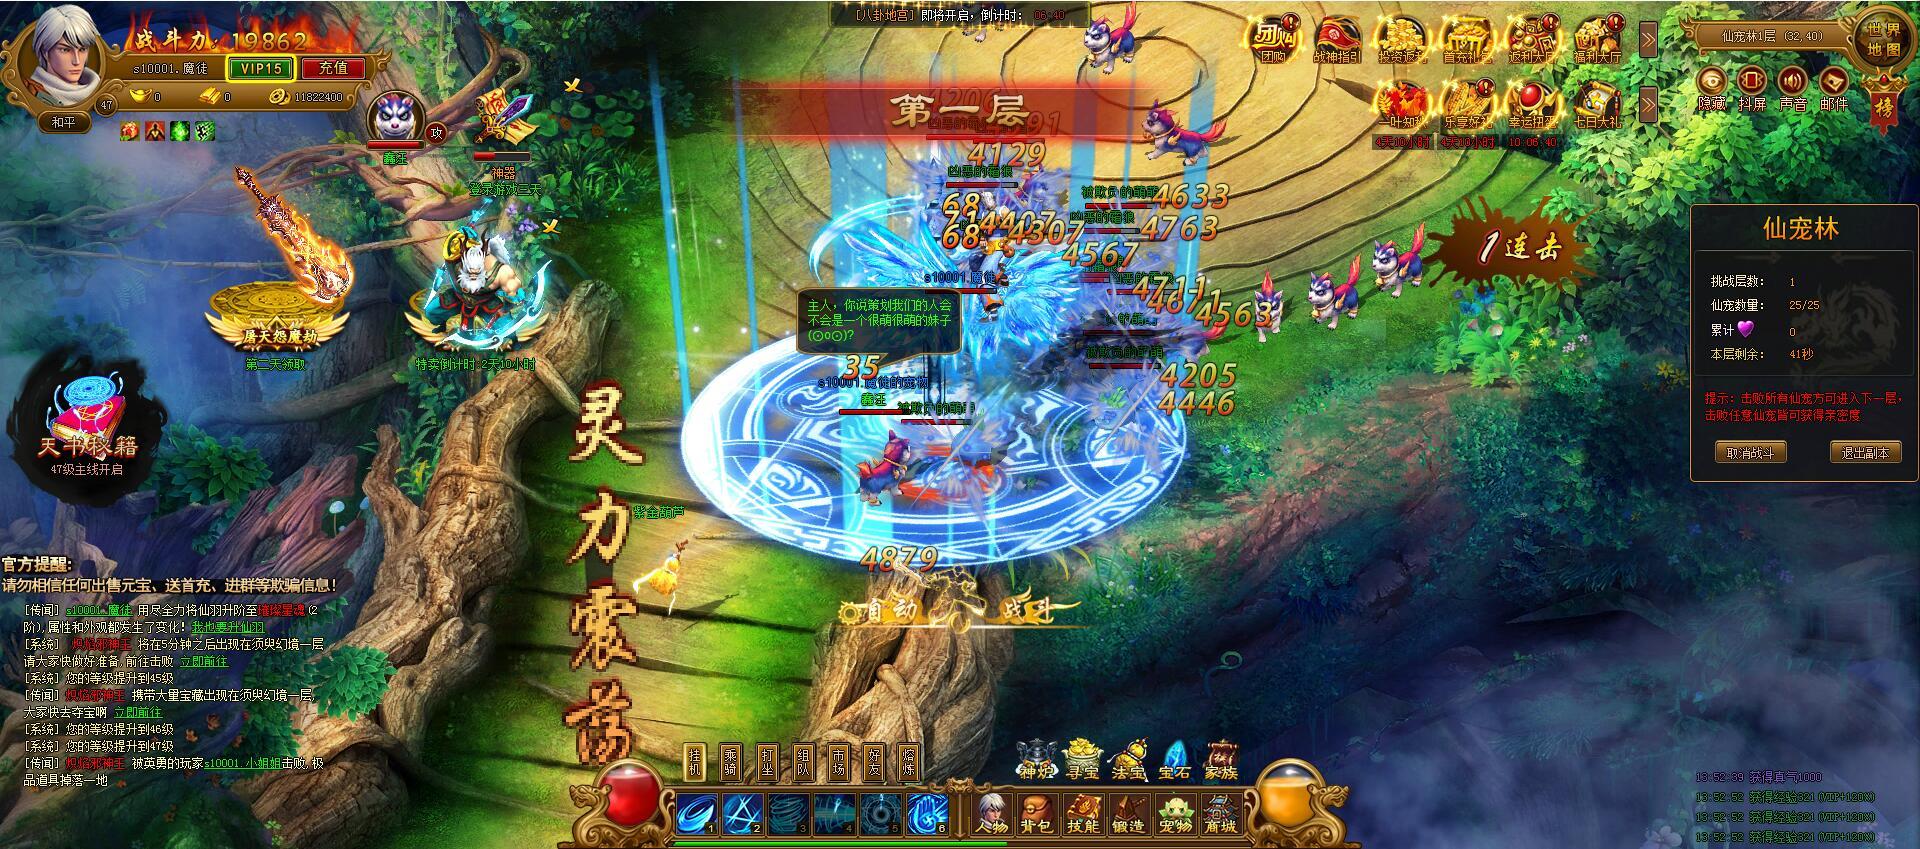 江山风云录游戏截图4